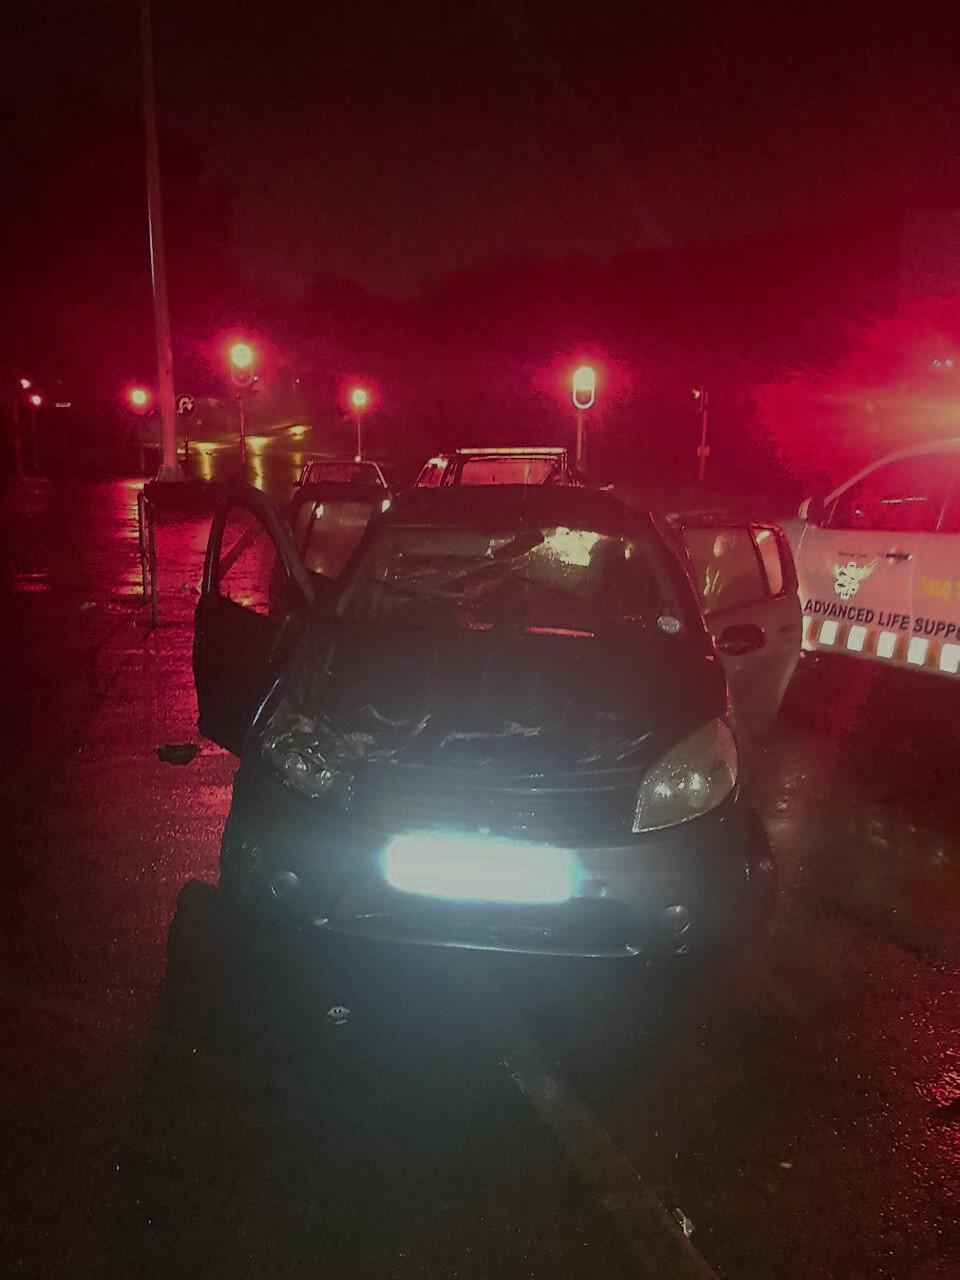 2 Injured in Pinetown crash